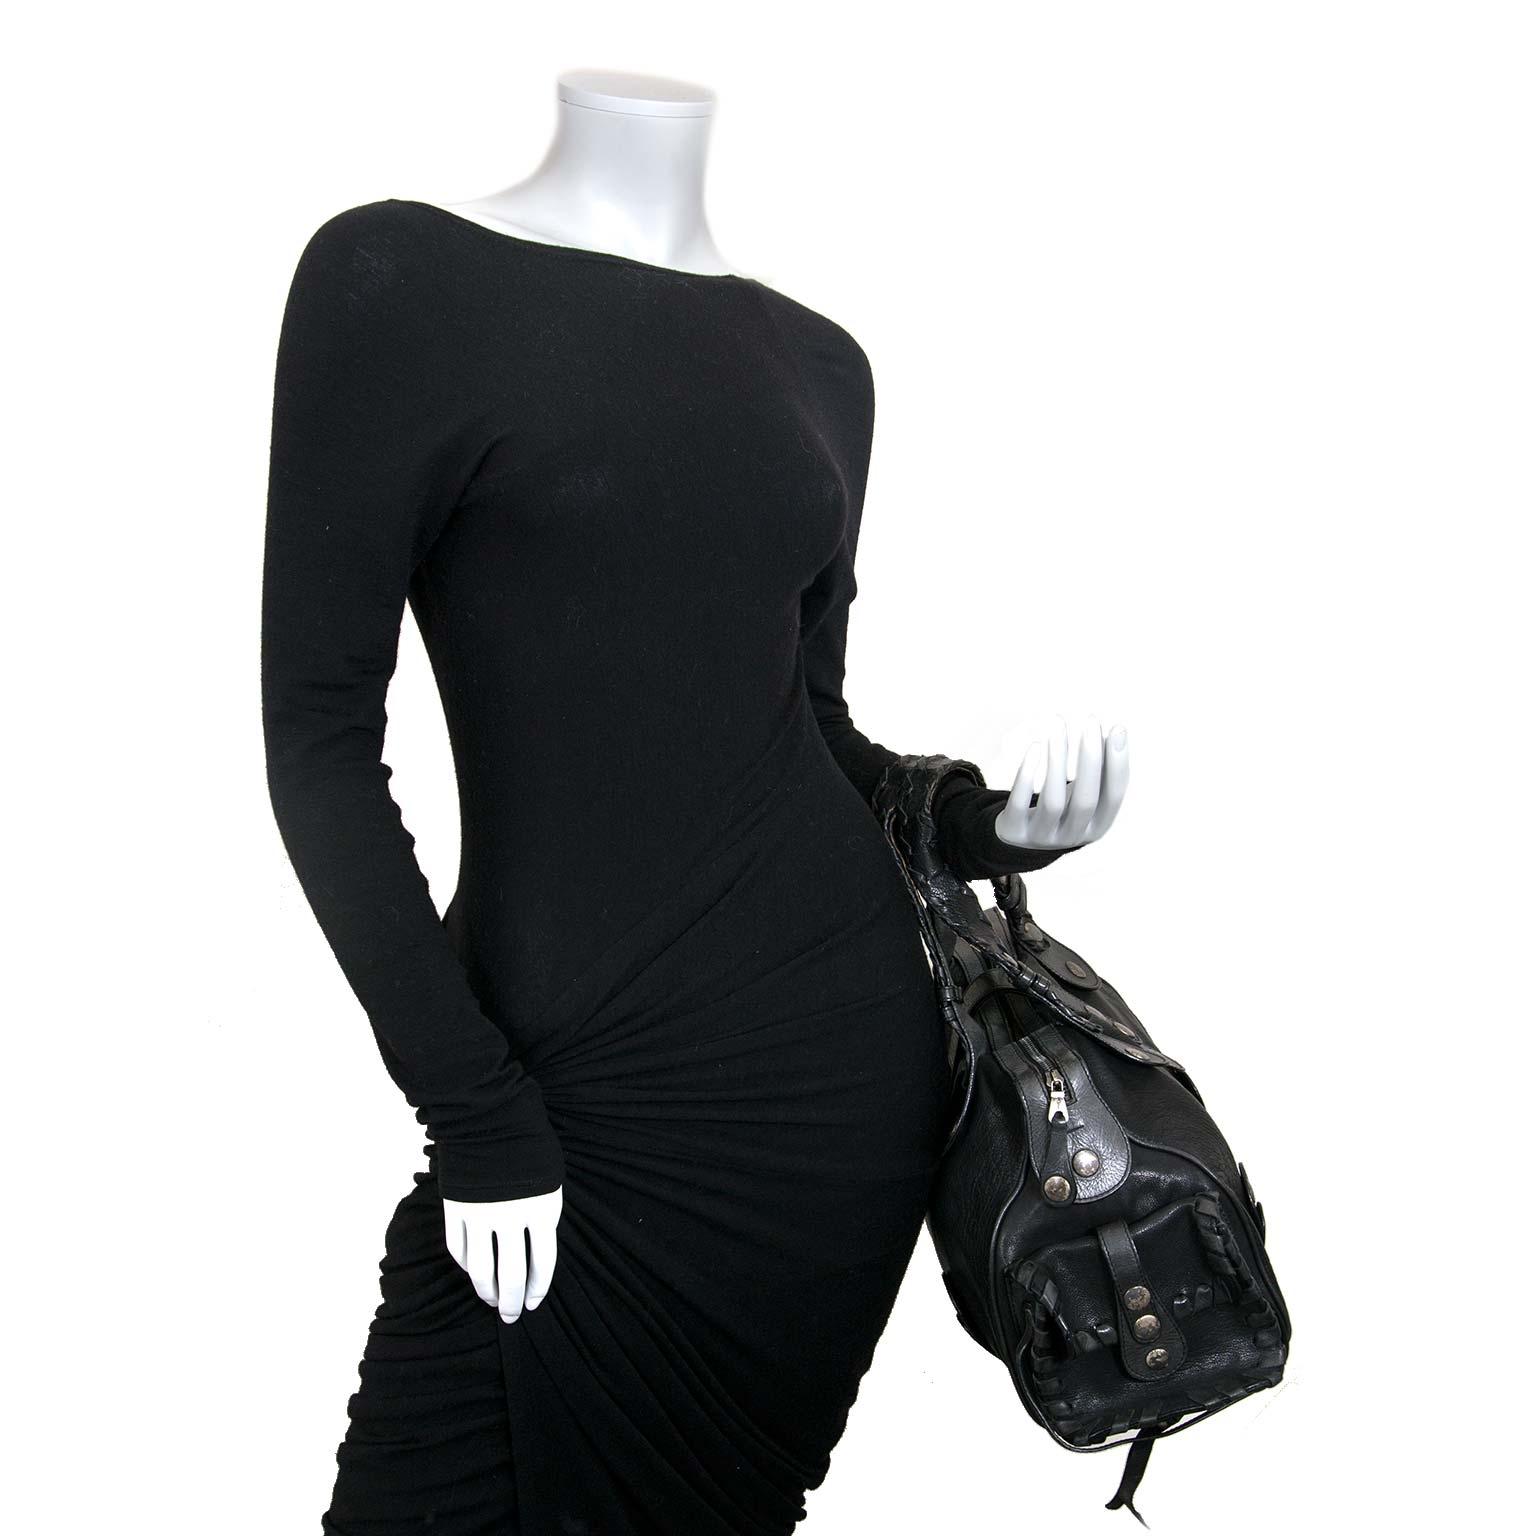 chloé black silverado bag now for sale at labellov vintage fashion webshop belgium